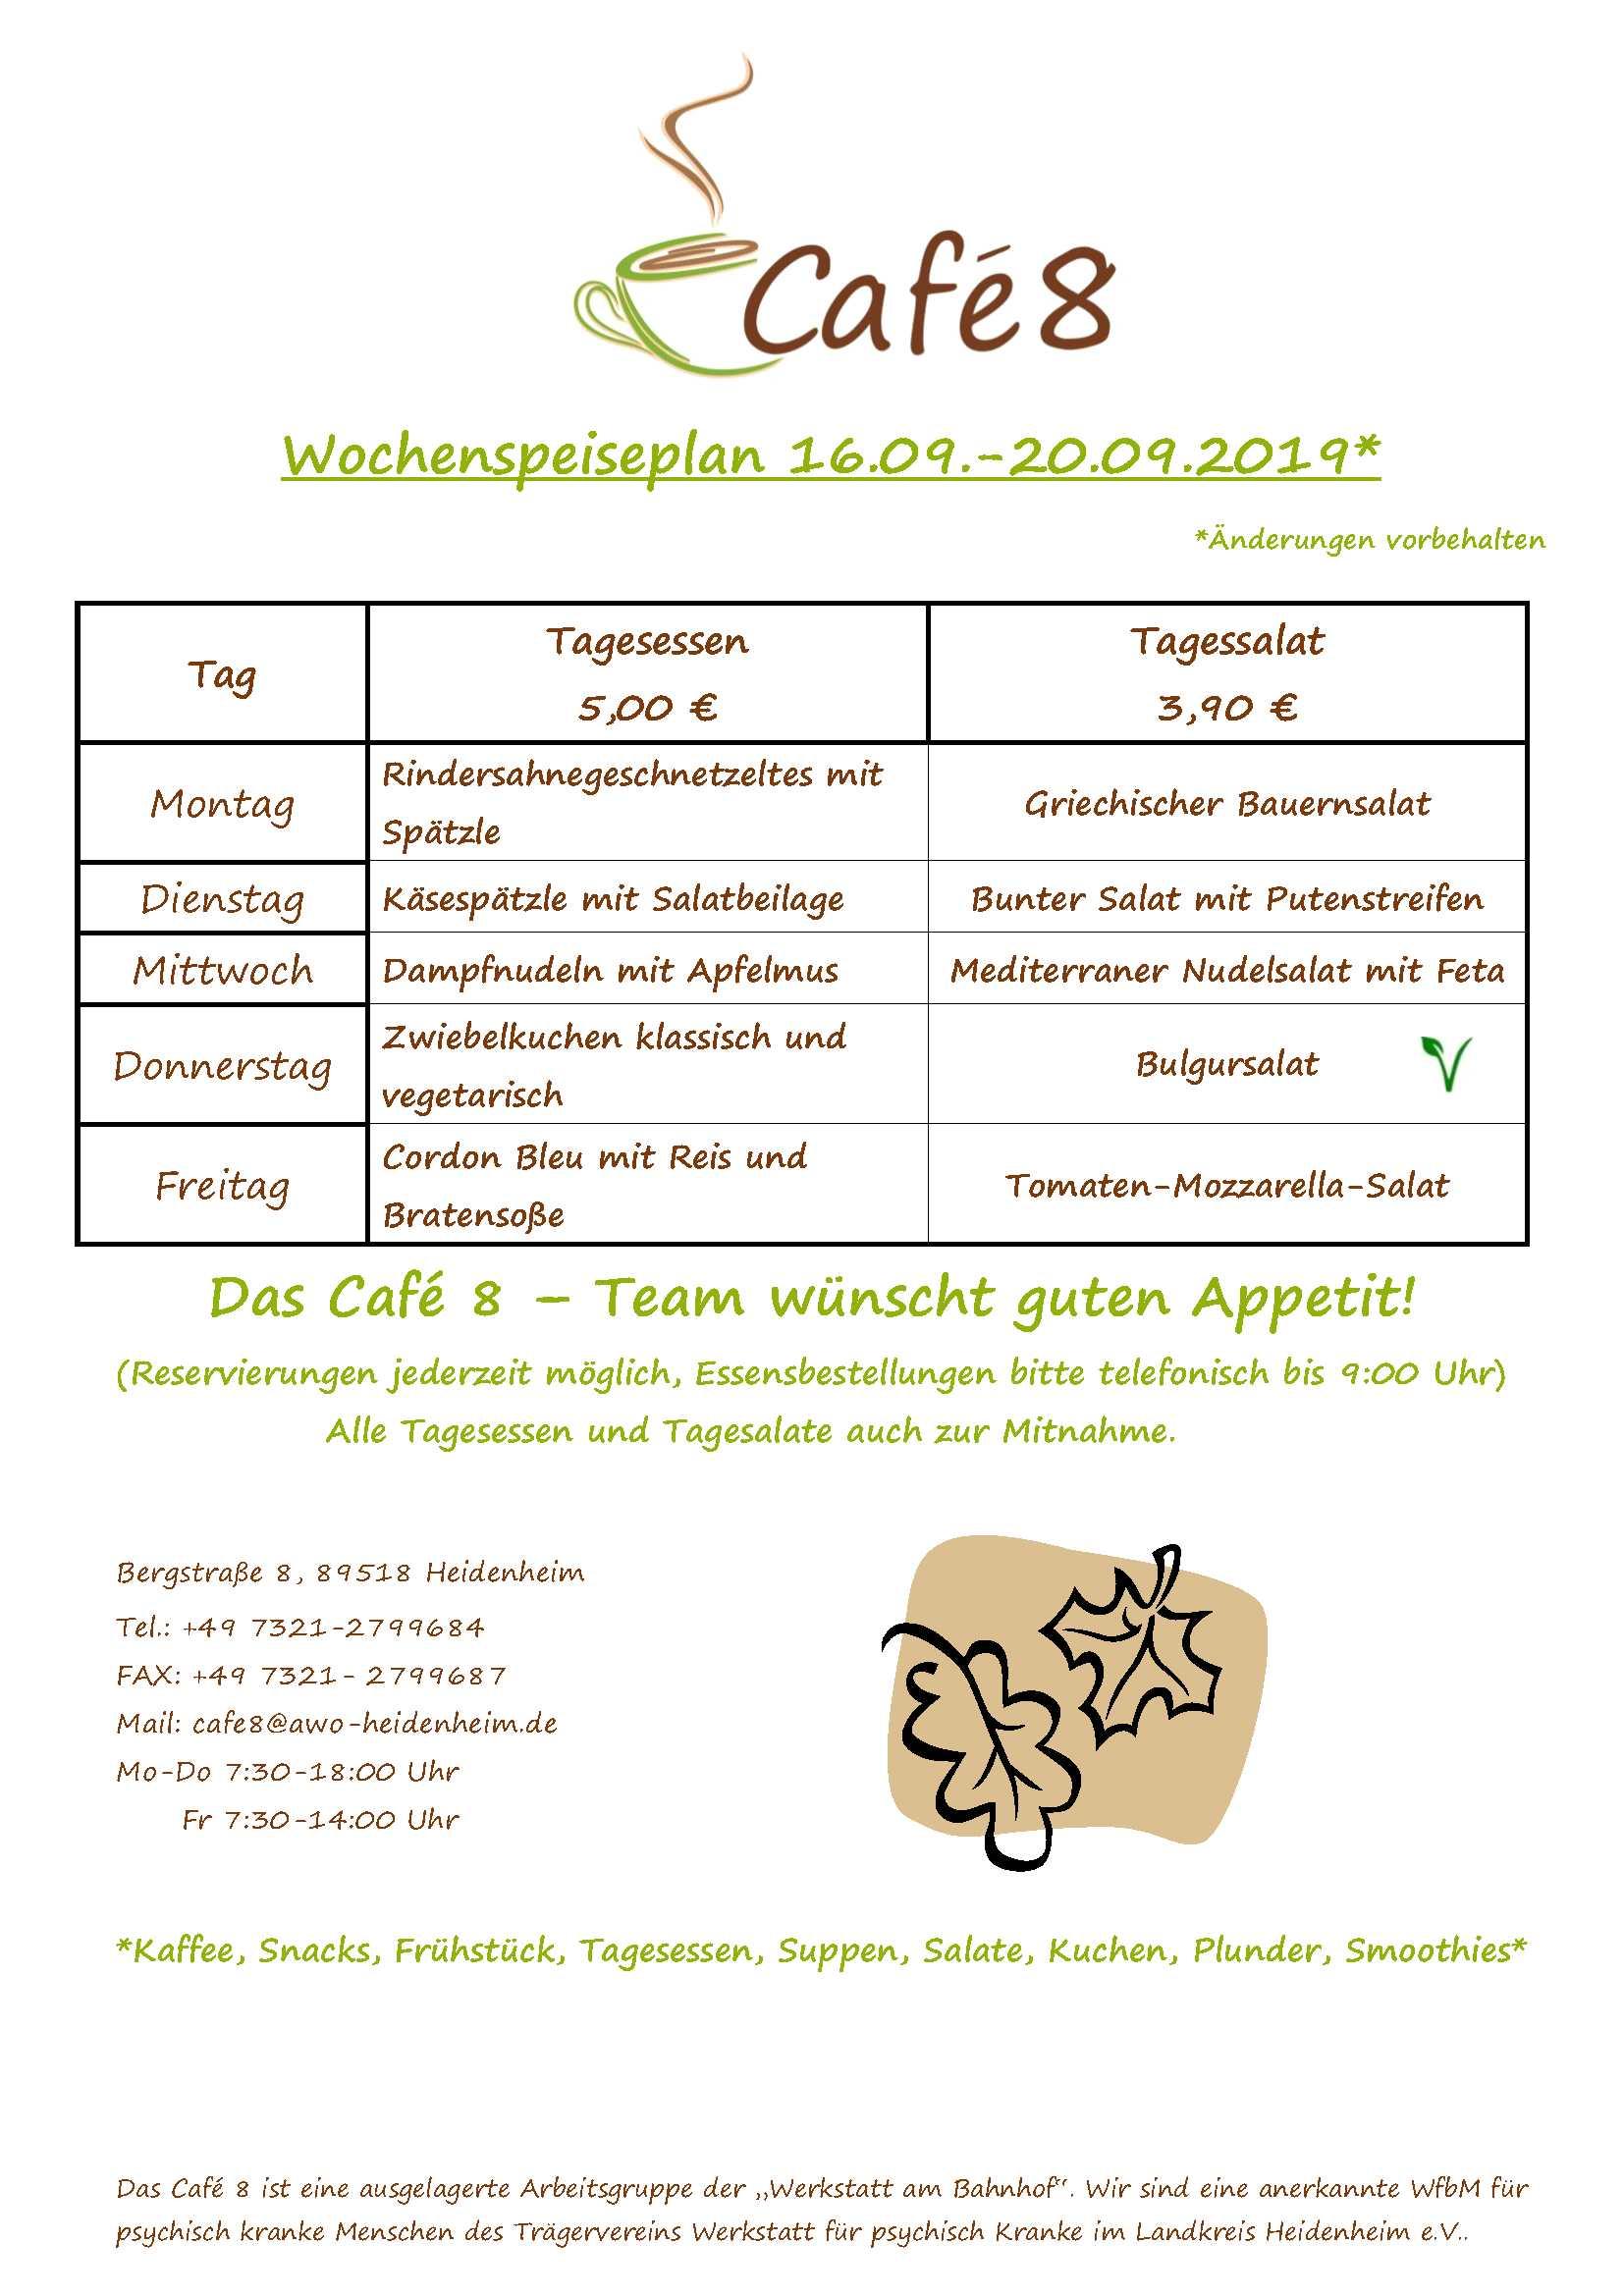 Cafe8_Wochenspeiseplan_KW38_19